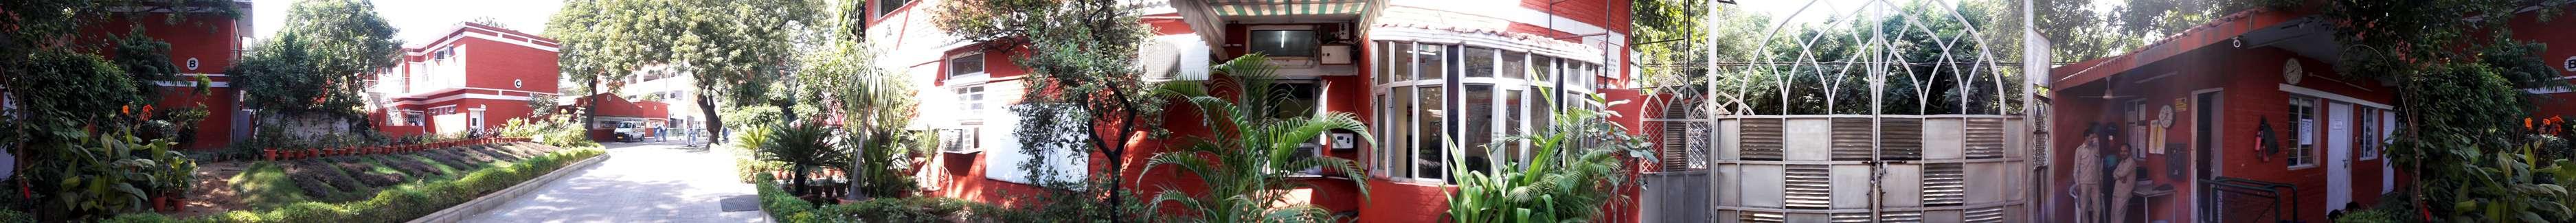 NEW HORIZON SCHOOL NORTH HUMAYUN TOMB MATHURA ROAD NIZAMUDDIN EAST NEW DELHI 2730159